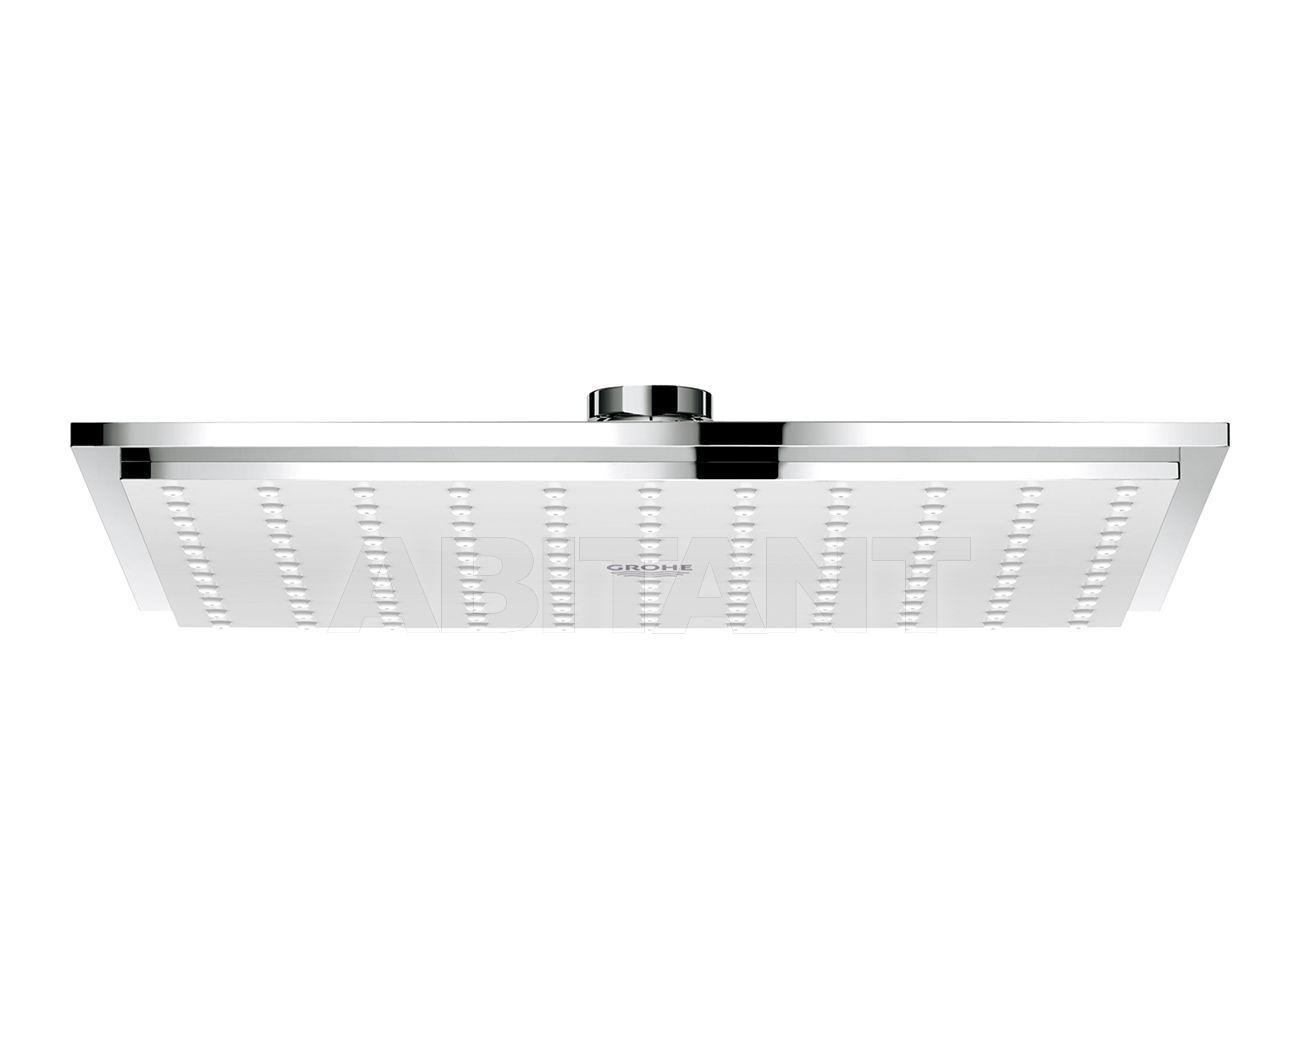 Купить Лейка душевая потолочная Rainshower Allure 230 Grohe 2012 27 479 000